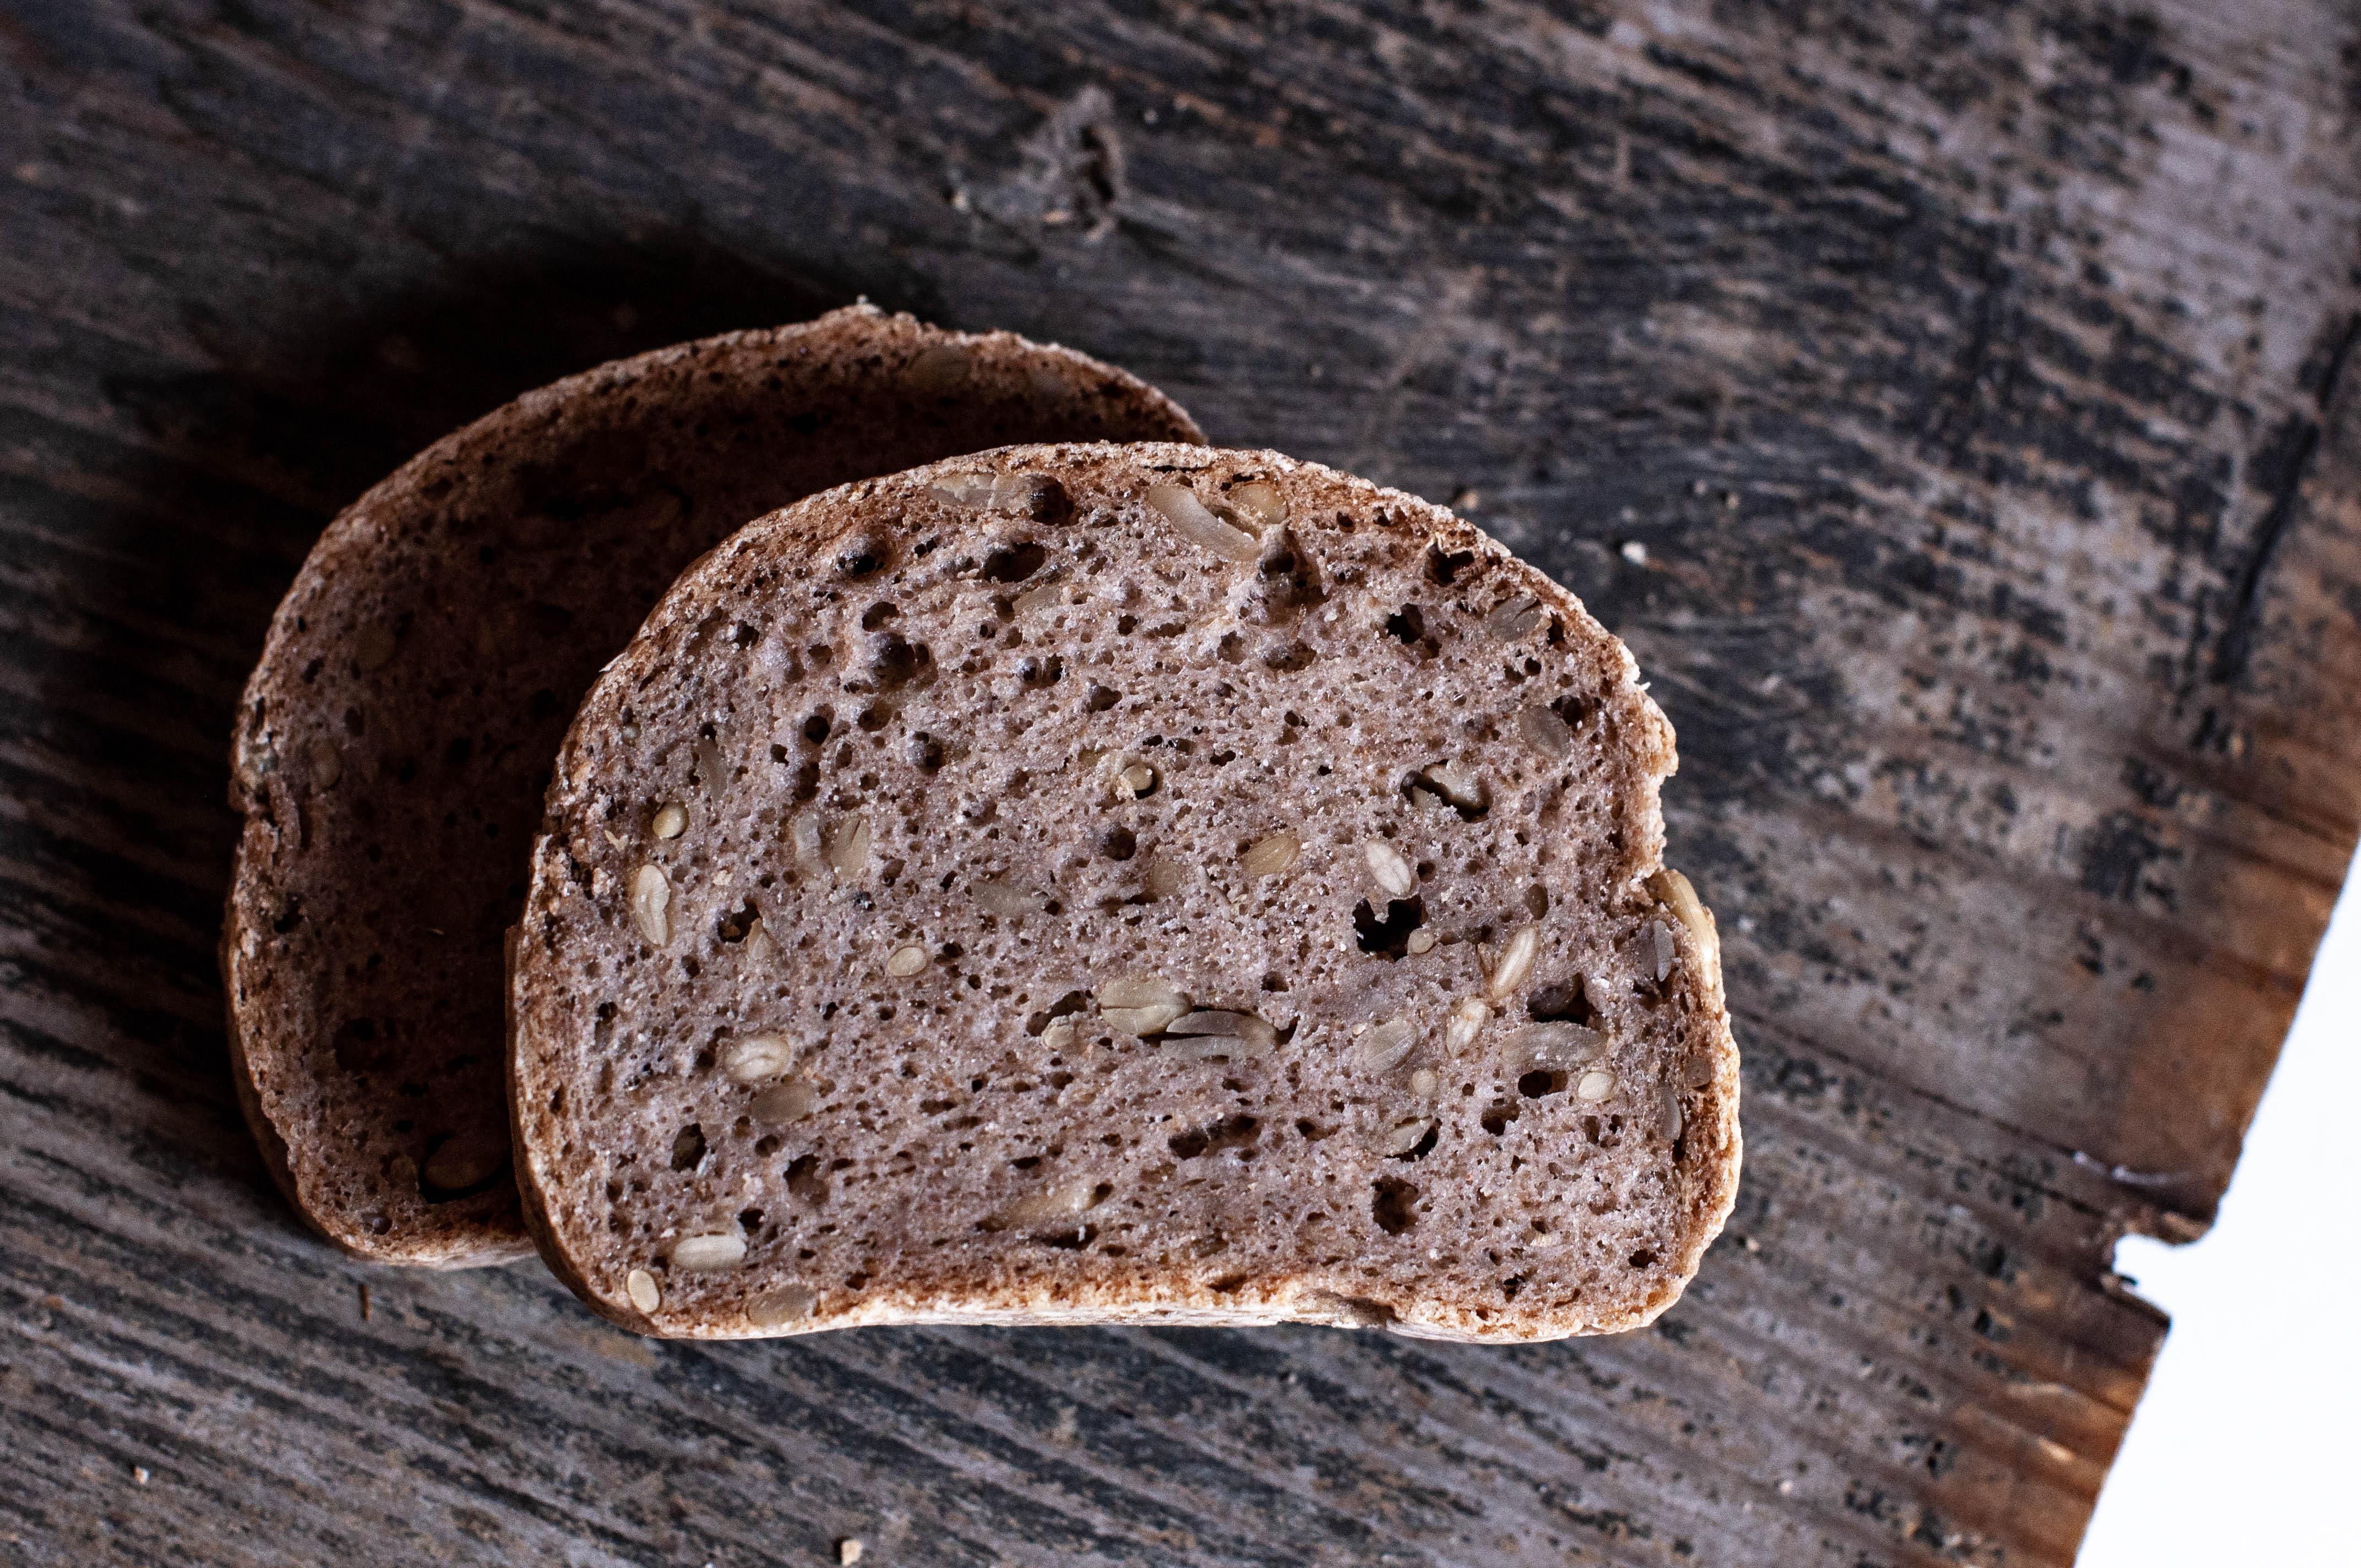 chleb bezglutenowy, chleb bez drożdży, chleb wegański, chleb słonecznikwy, bez glutenu, bez drożdży, alergia pokarmowa, nietolerancja pokarmowa